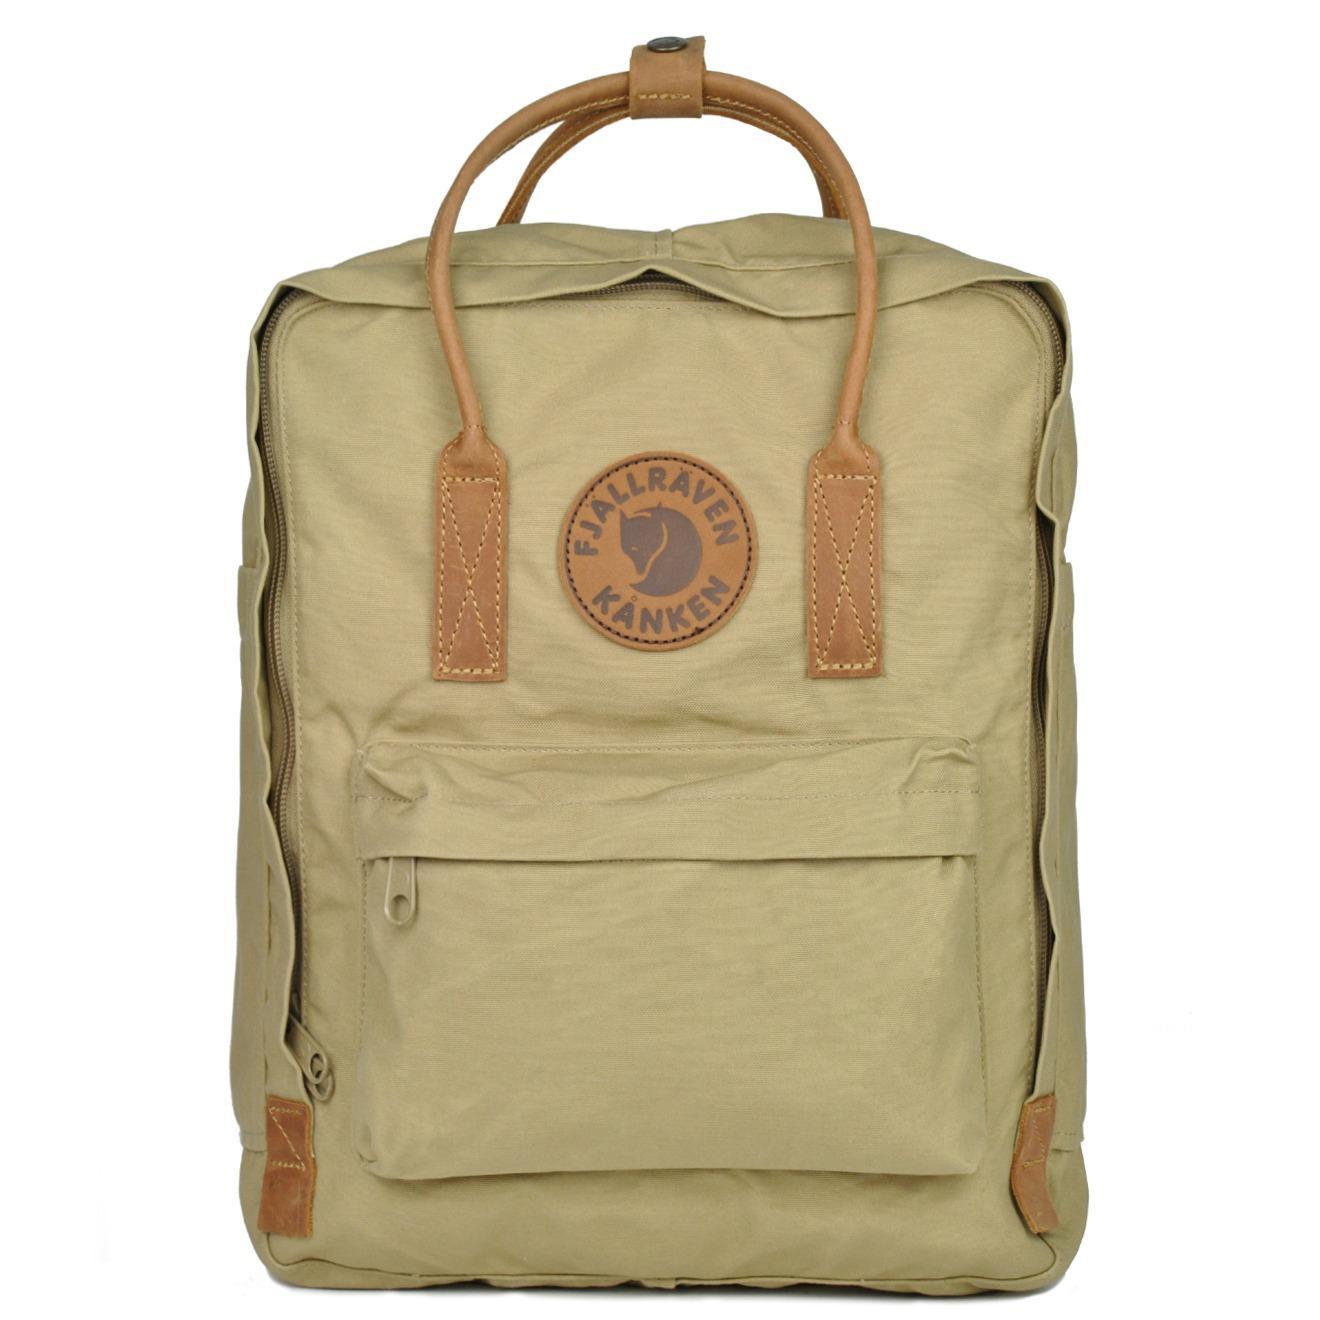 Fjallraven Kanken No 2 Backpack Sand Price